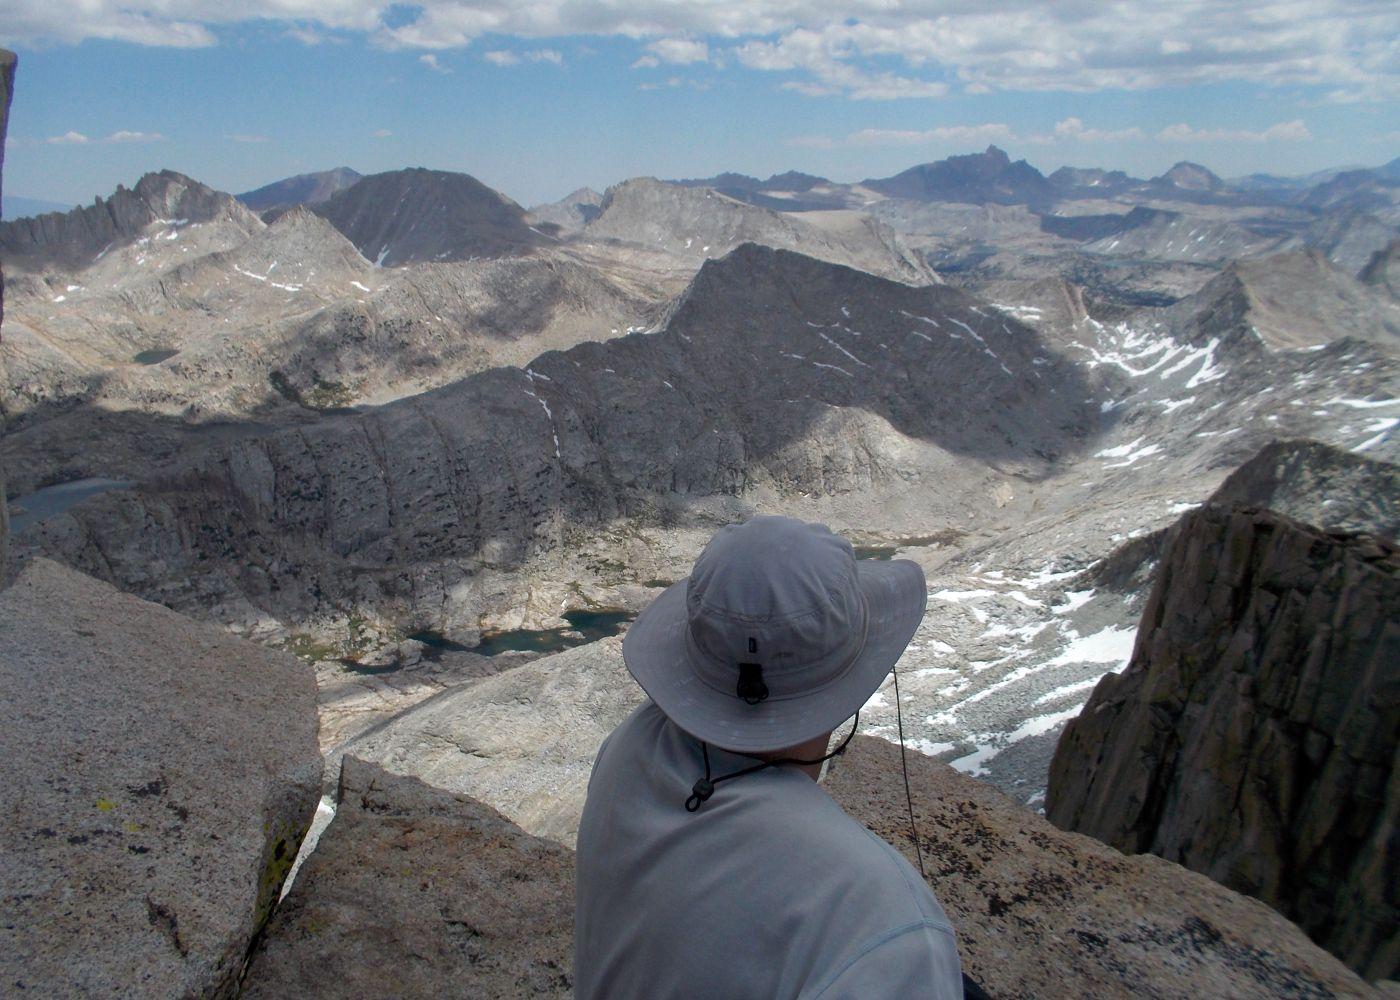 Teen Backpack Trip John Muir Wilderness | Sierra Club Outings